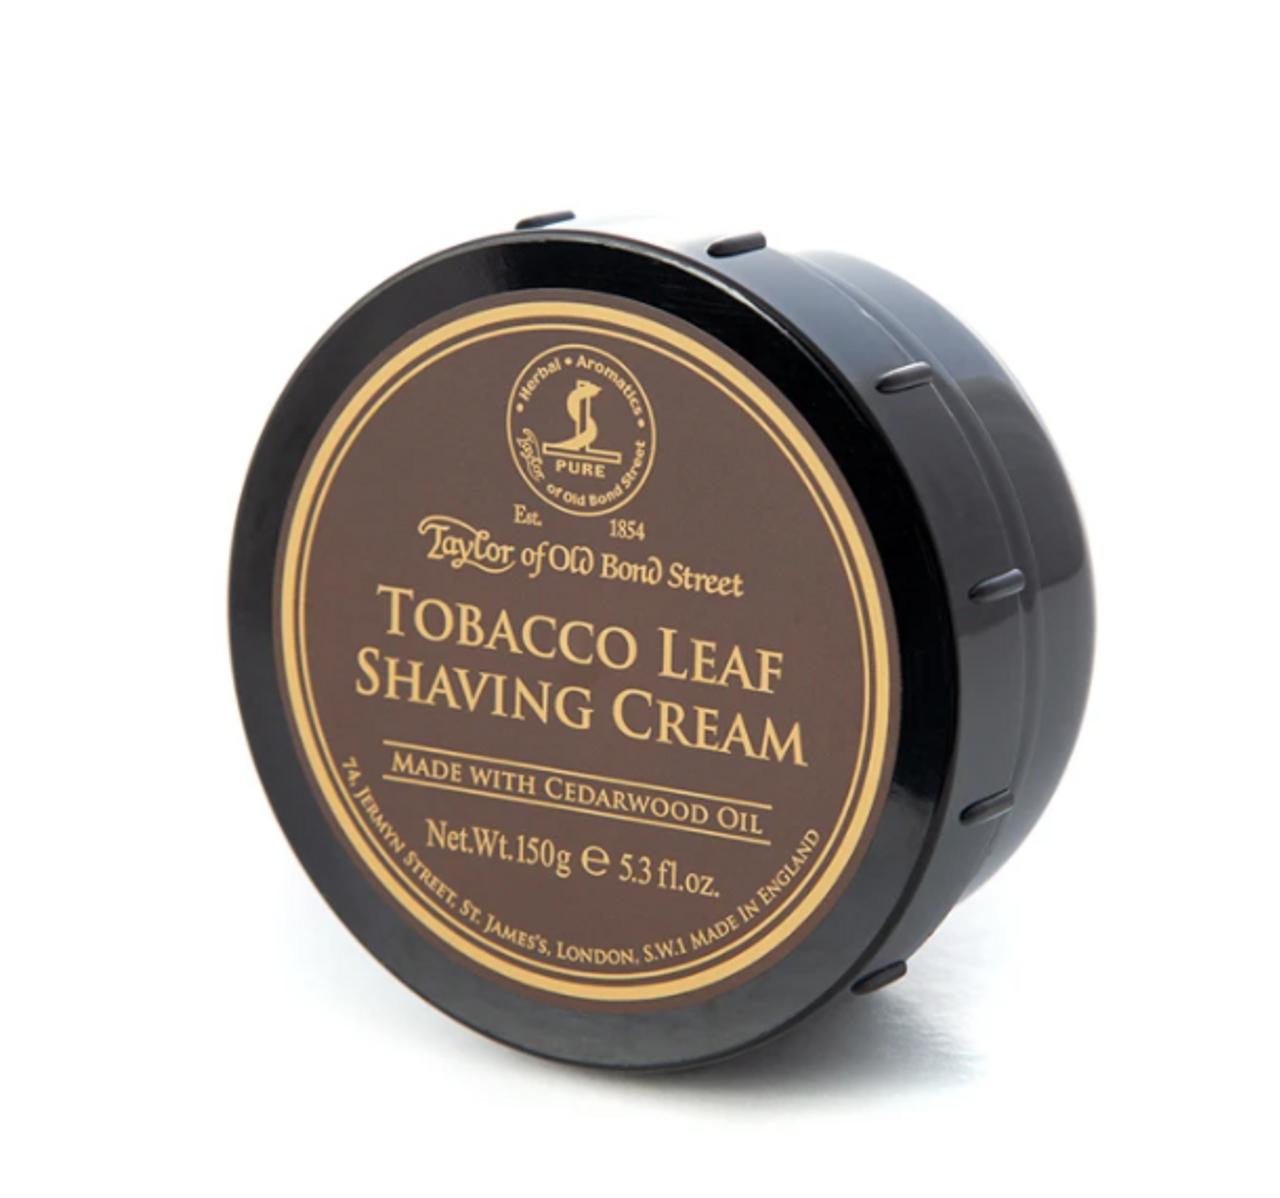 Taylor of Old Bond St Tobacco Leaf Shave Cream 5.3 fl.oz.